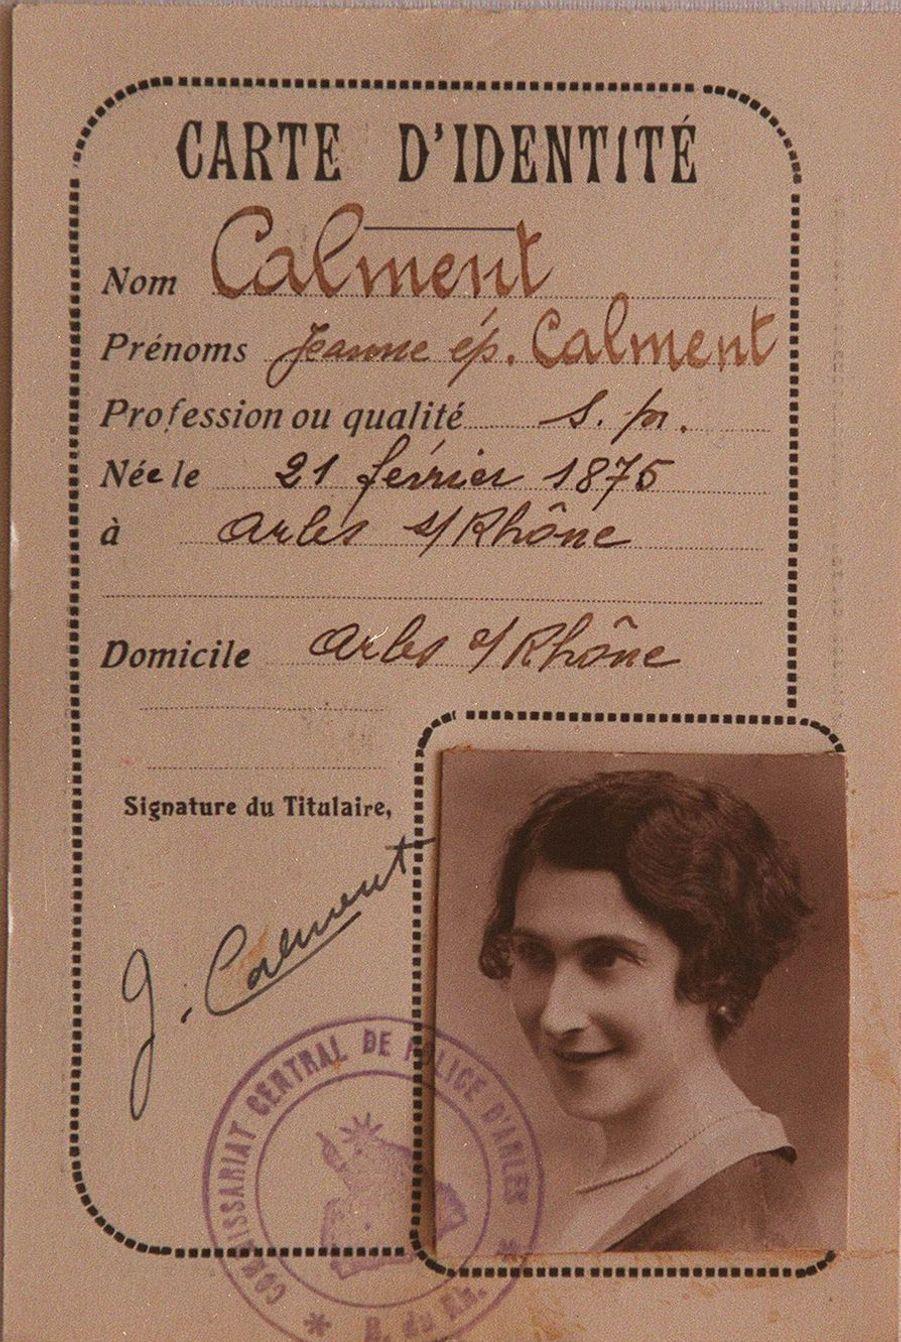 La carte d'identité de Jeanne Calment à 20 ans.